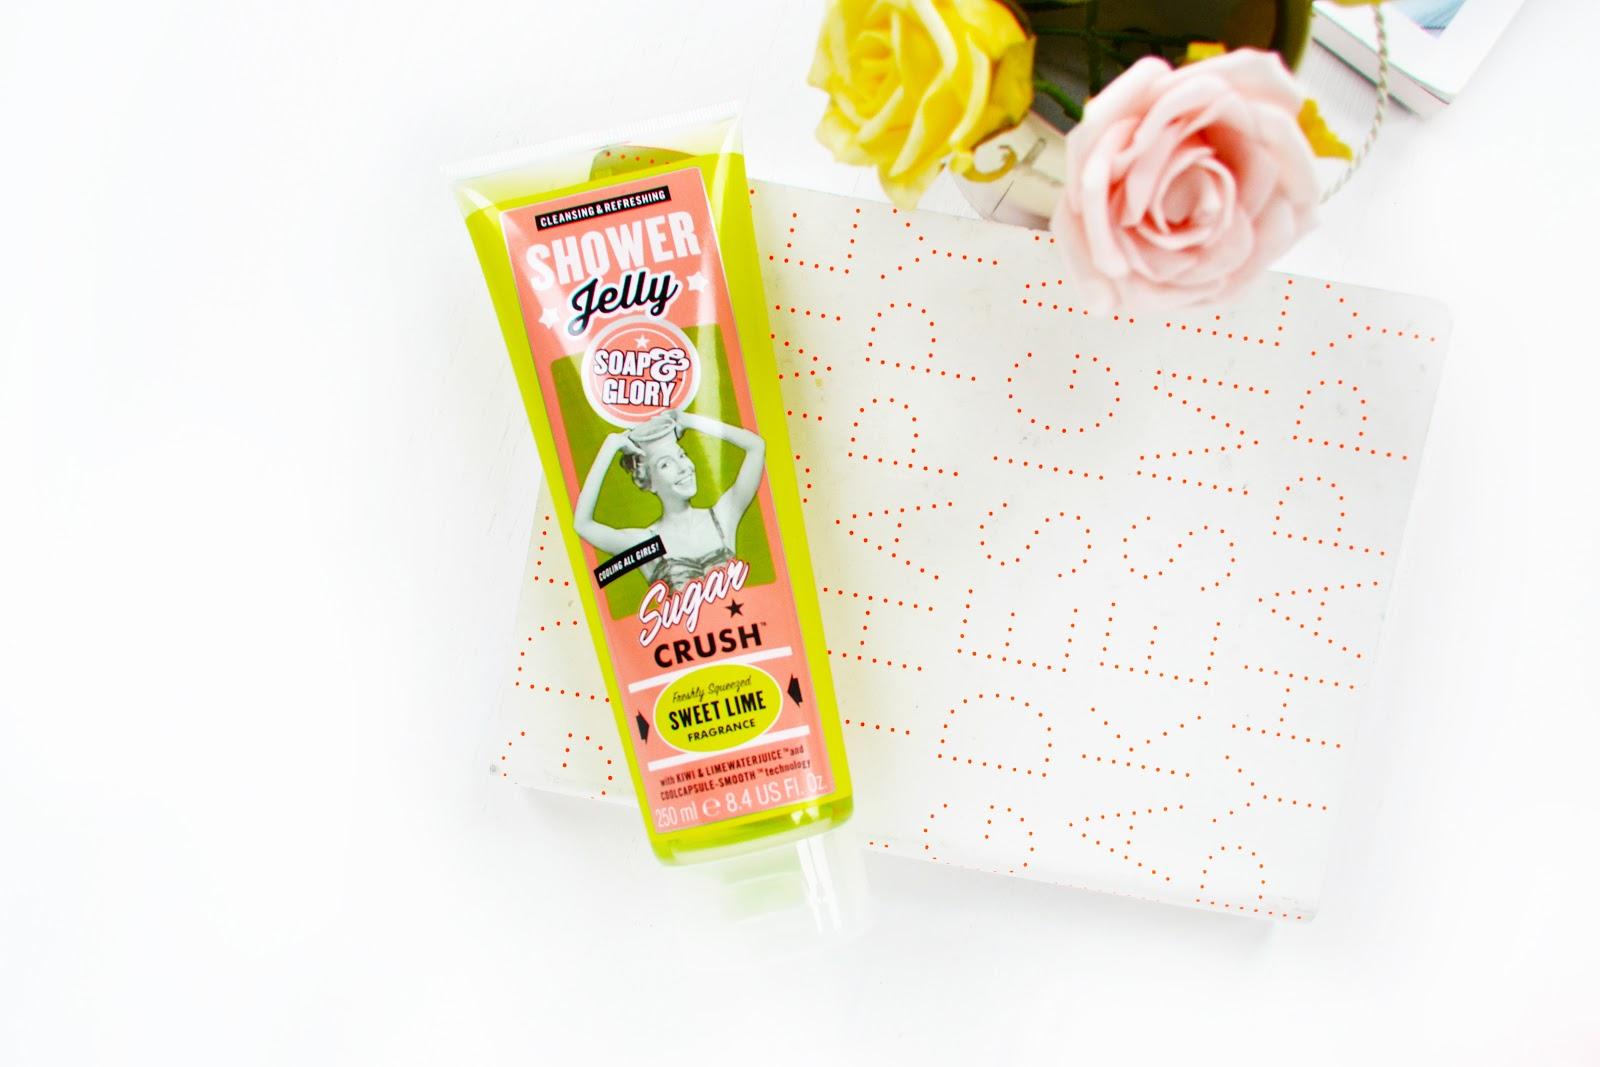 Soap & Glory Shower Jelly